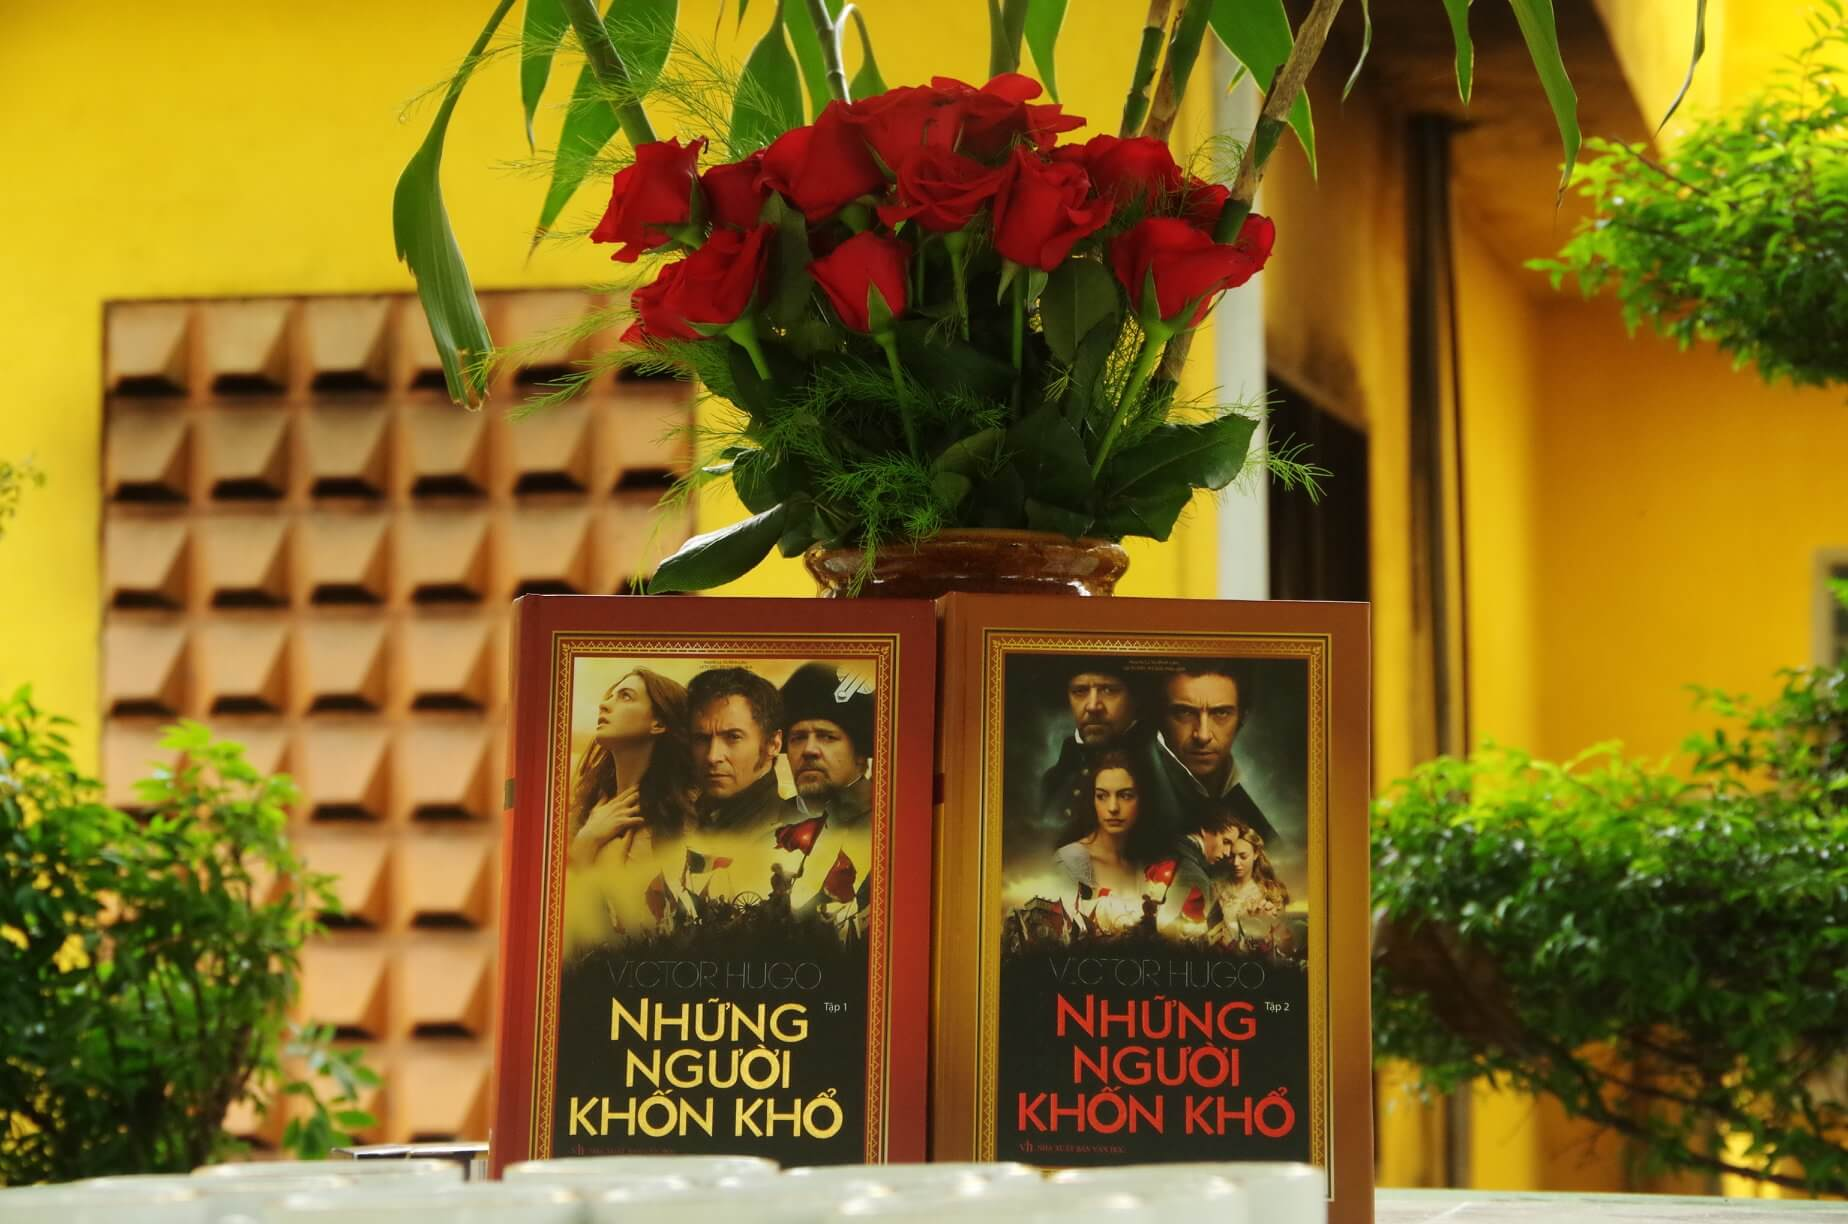 Victor Hugo Những người khốn khổ - reviewsach.net